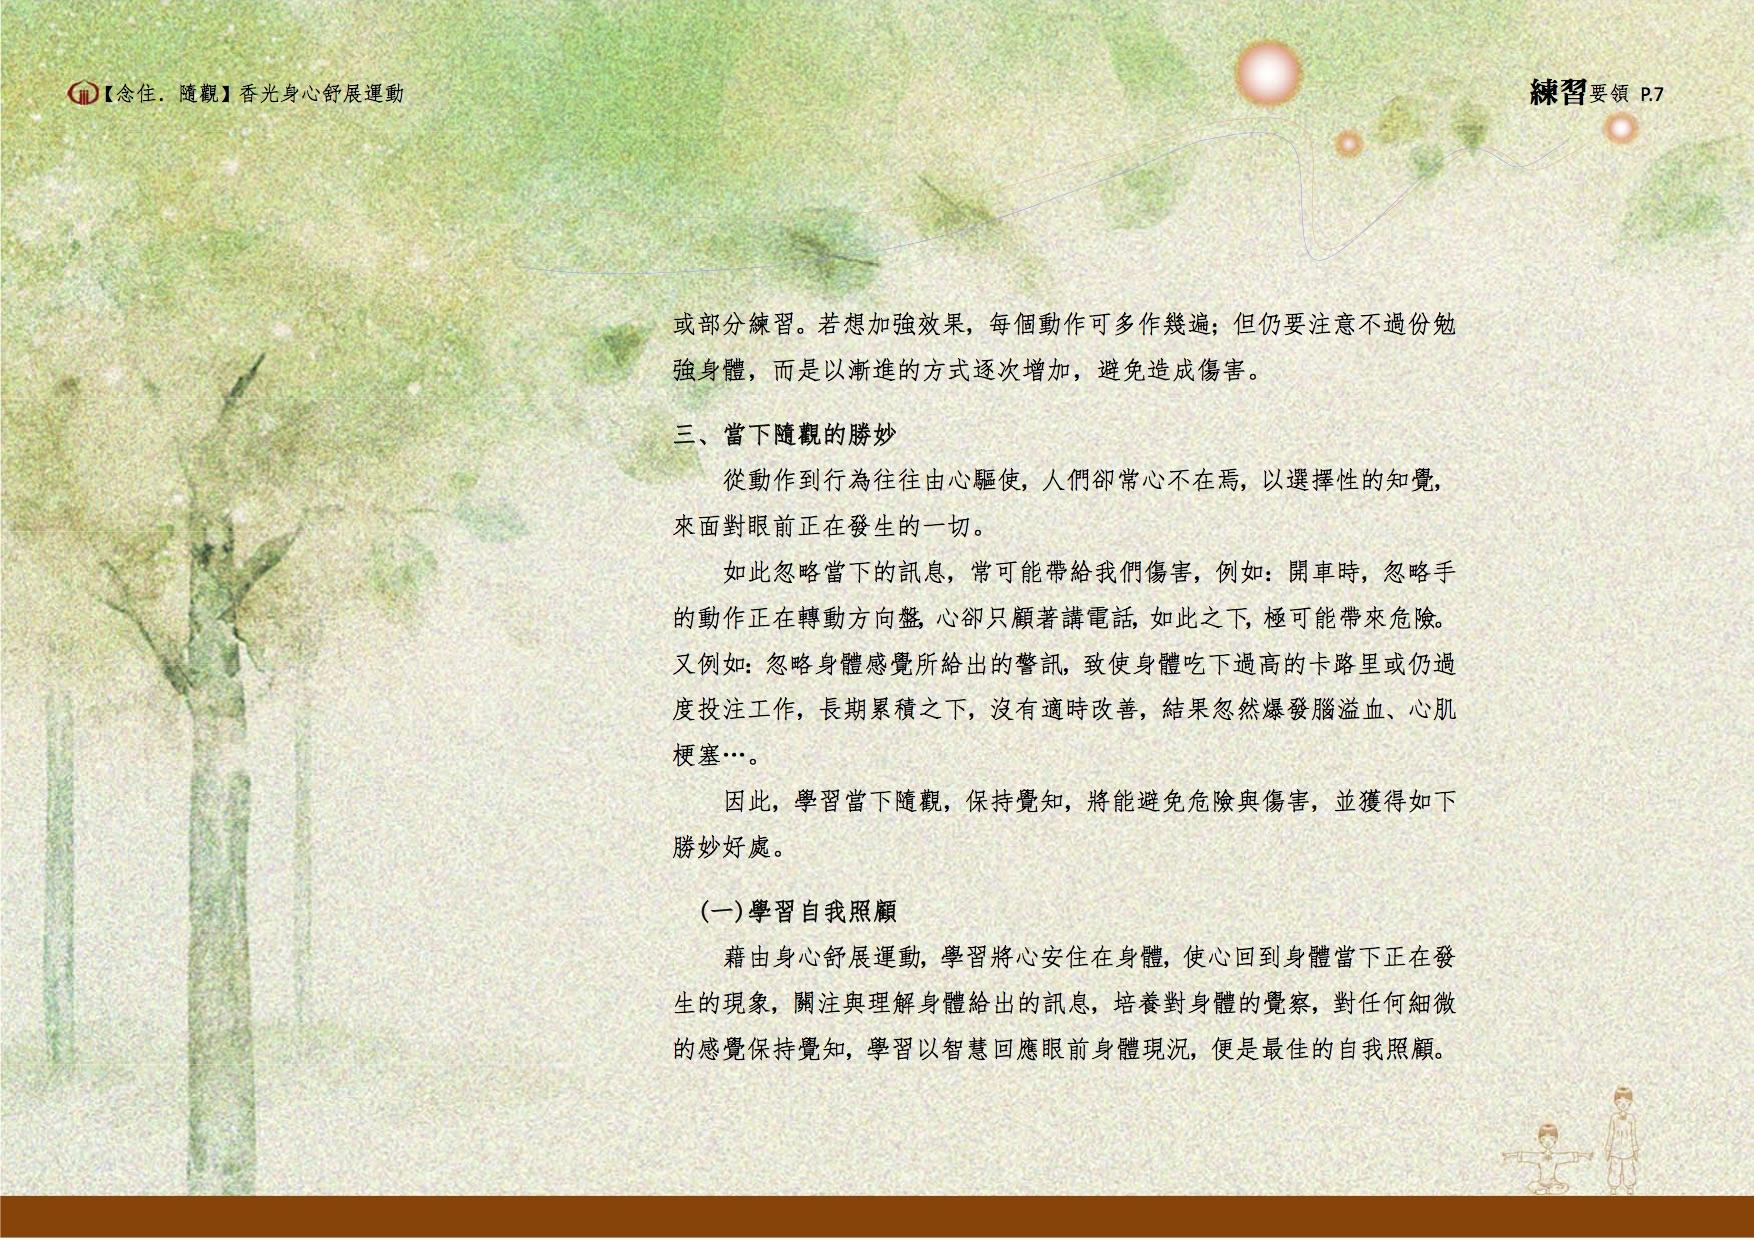 C1-book-15